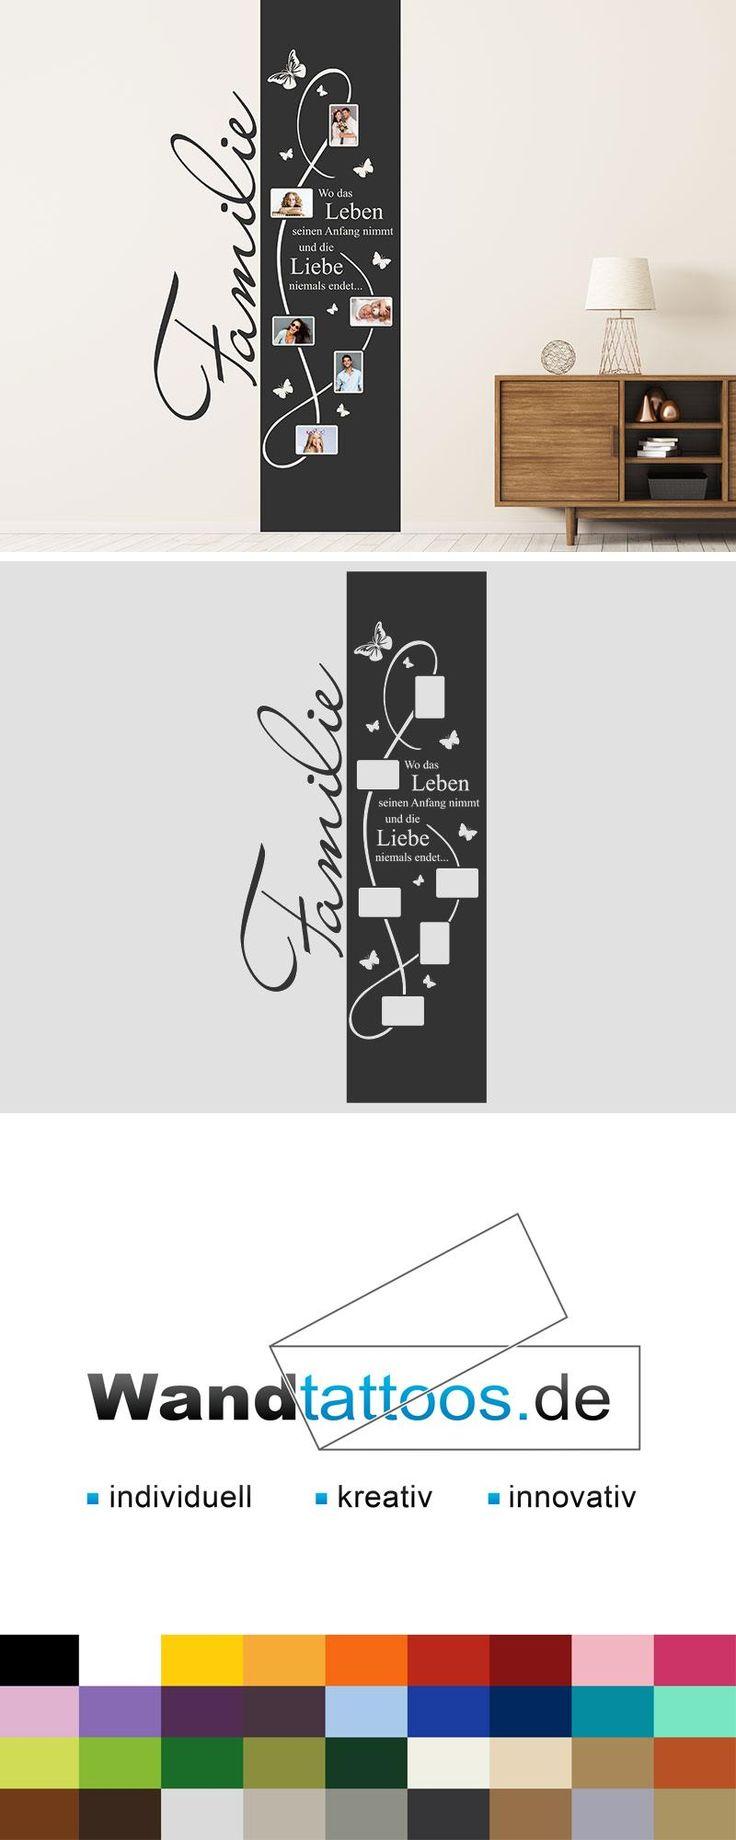 Die besten 25+ Wandtattoos Ideen auf Pinterest | Wandbeschriftung ...